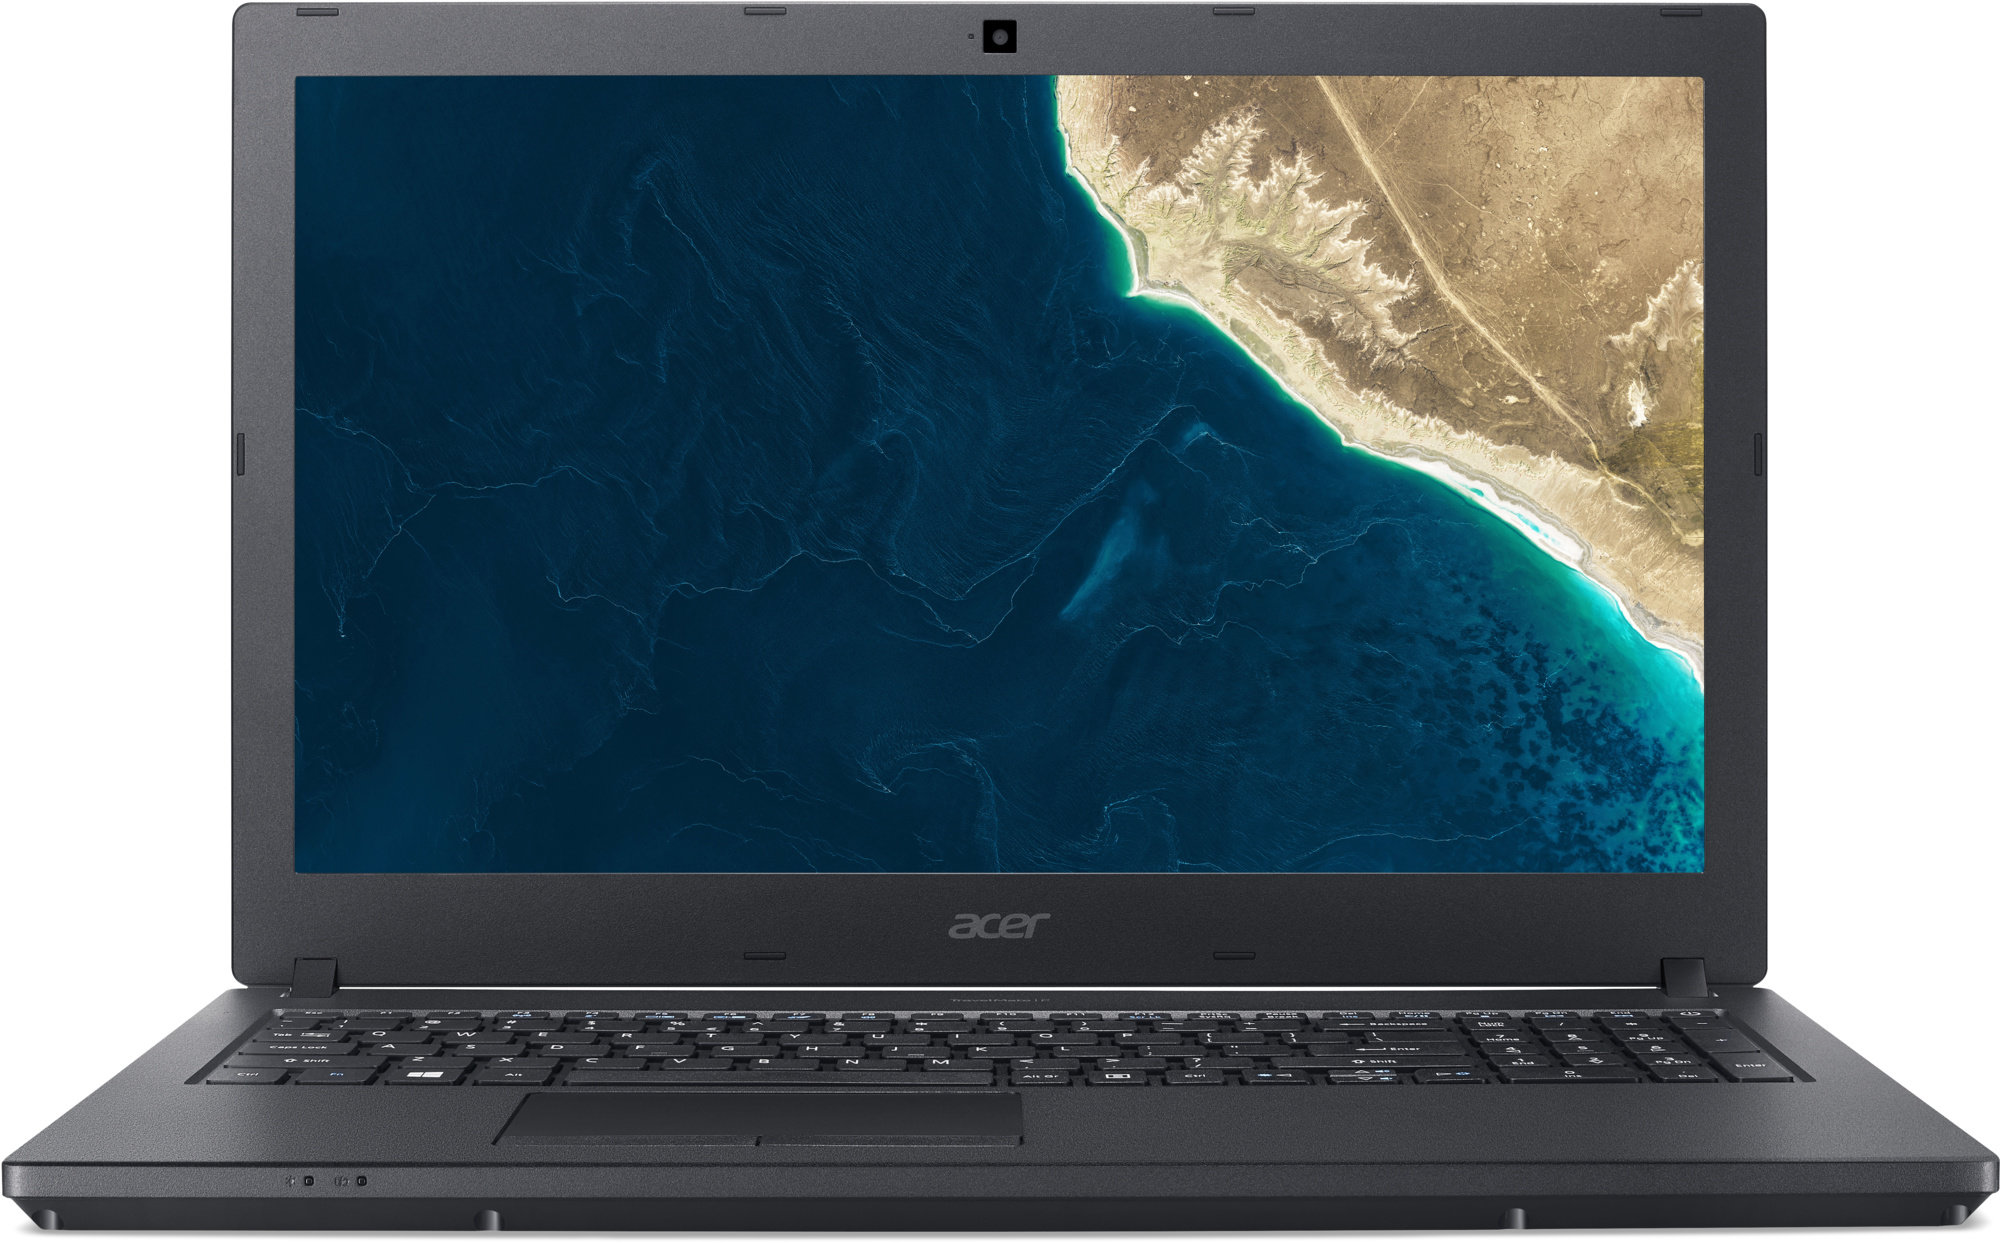 """AcerTravelMate P2510-G2-MG-80MH i7-8550U/4GB+8GB/256GB SSD M.2+1TB/GeForce MX130 2GB/15.6""""FHD IPS LED matný/BT/W10Pro/Black"""